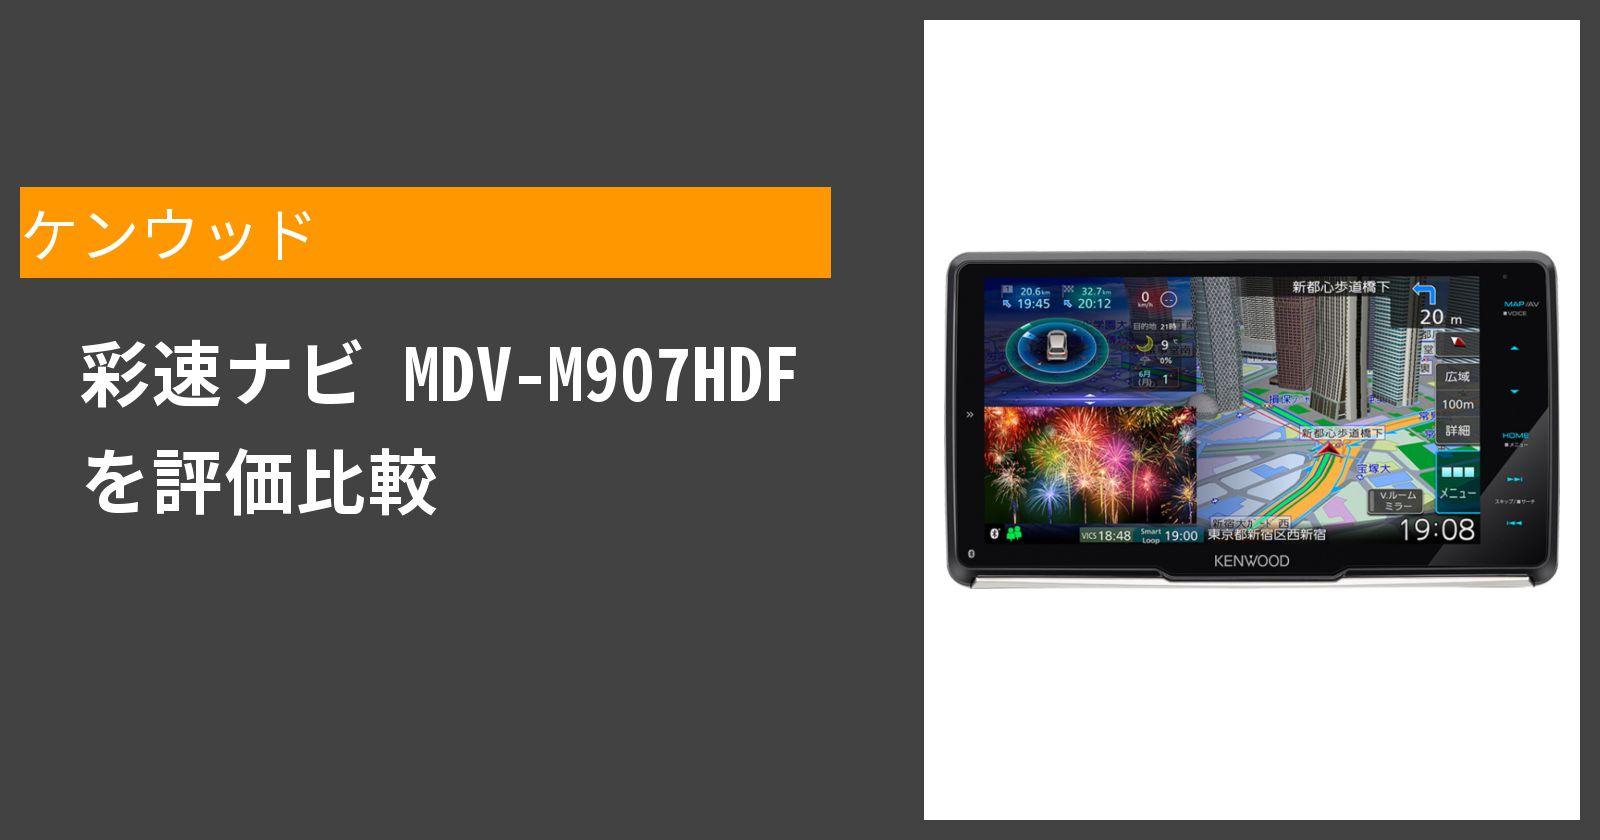 彩速ナビ MDV-M907HDFを徹底評価